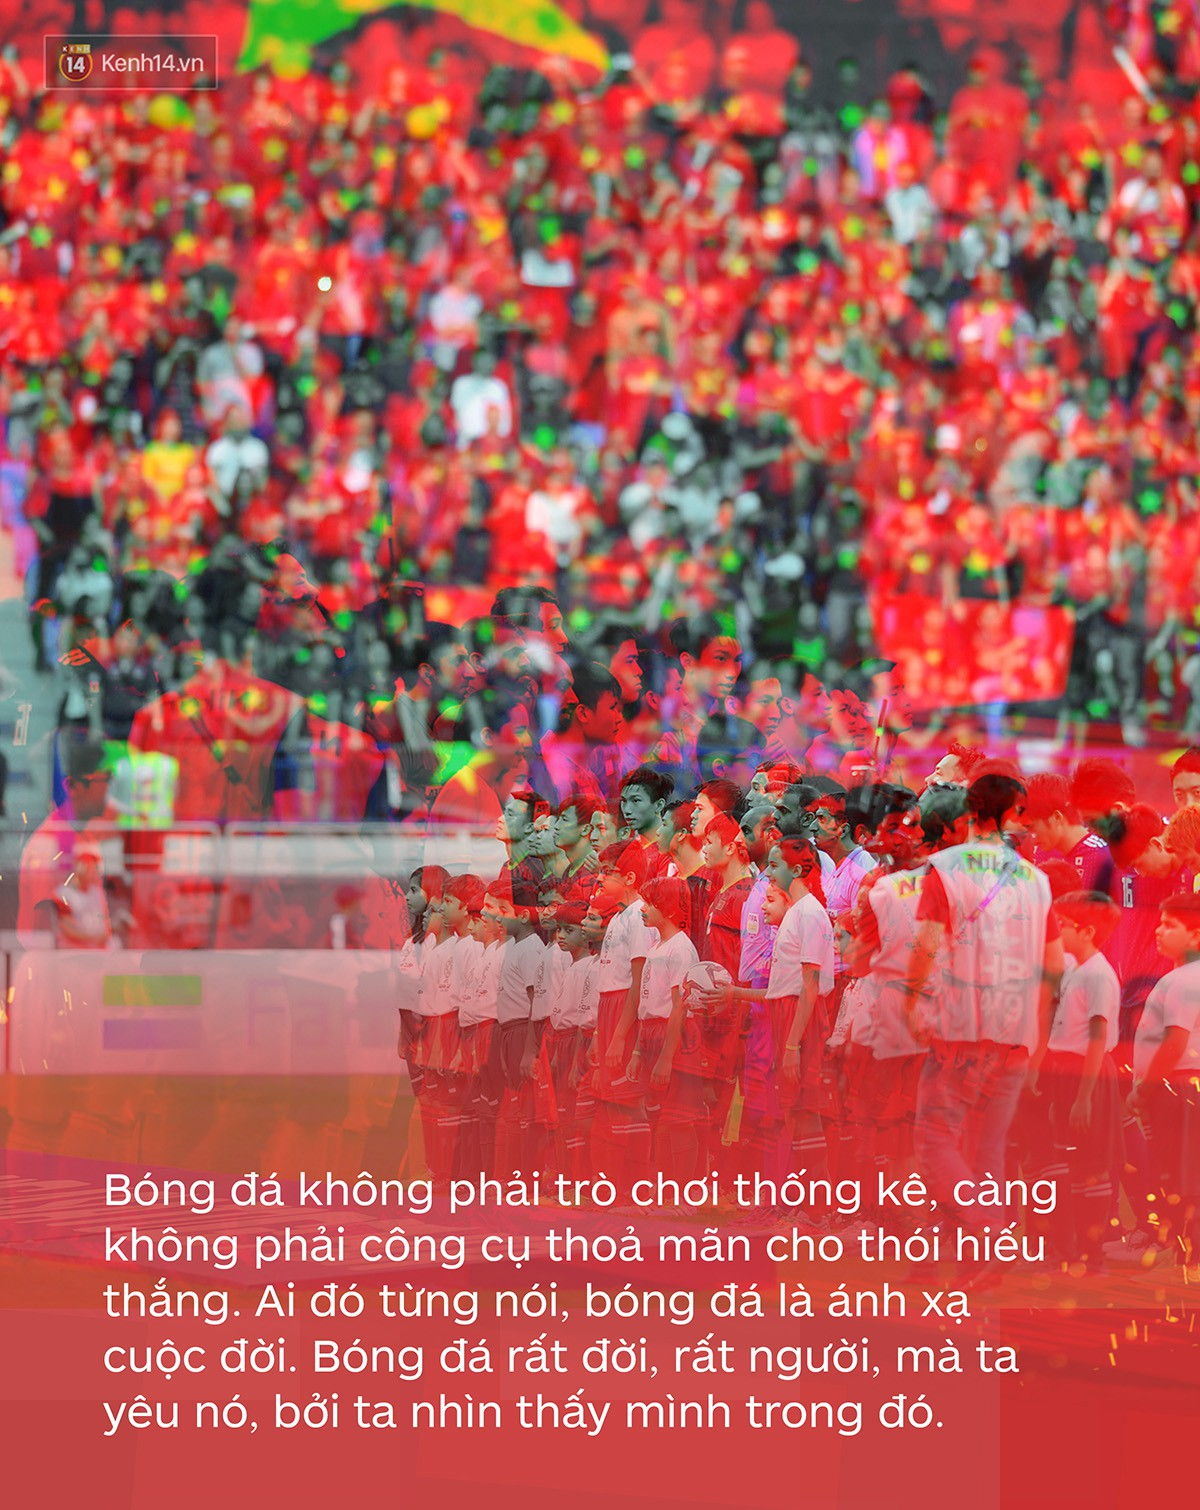 Đội tuyển Việt Nam: Kỳ tích châu Á và sự trỗi dậy tạo cảm hứng cho cả dân tộc - Ảnh 4.